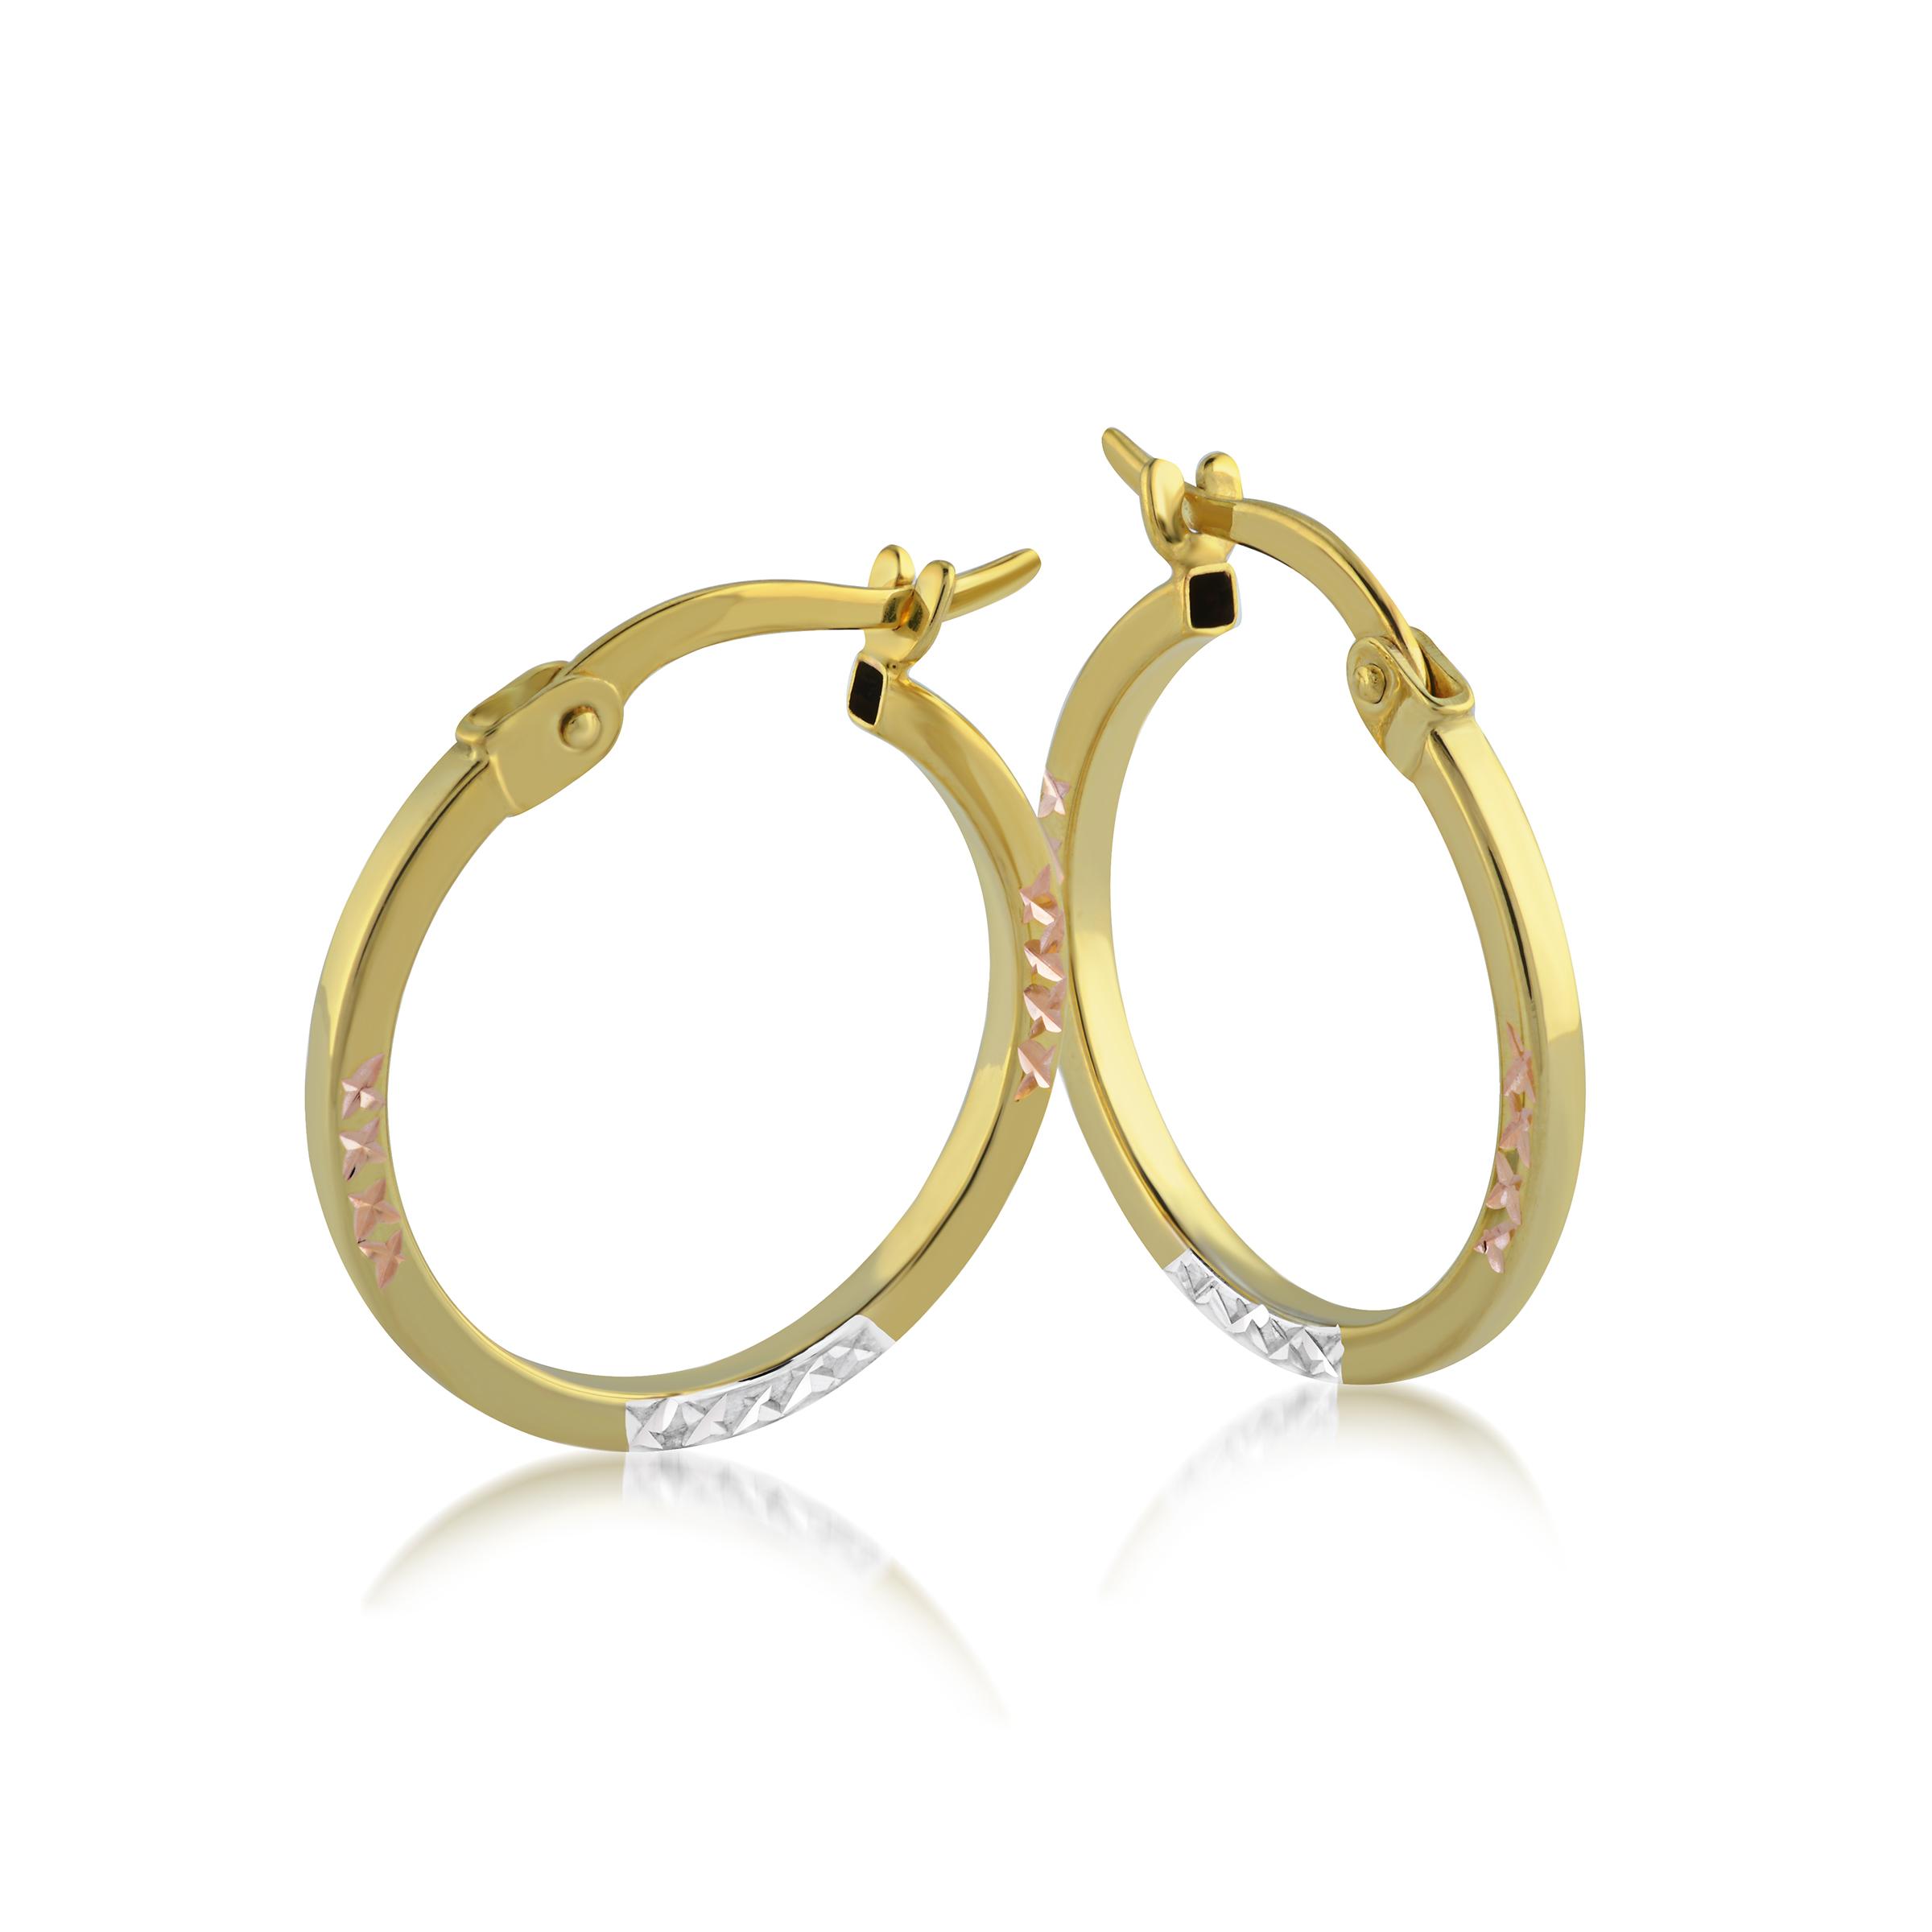 Boucles d'oreilles anneaux pour femme - Or 3-tons 10K